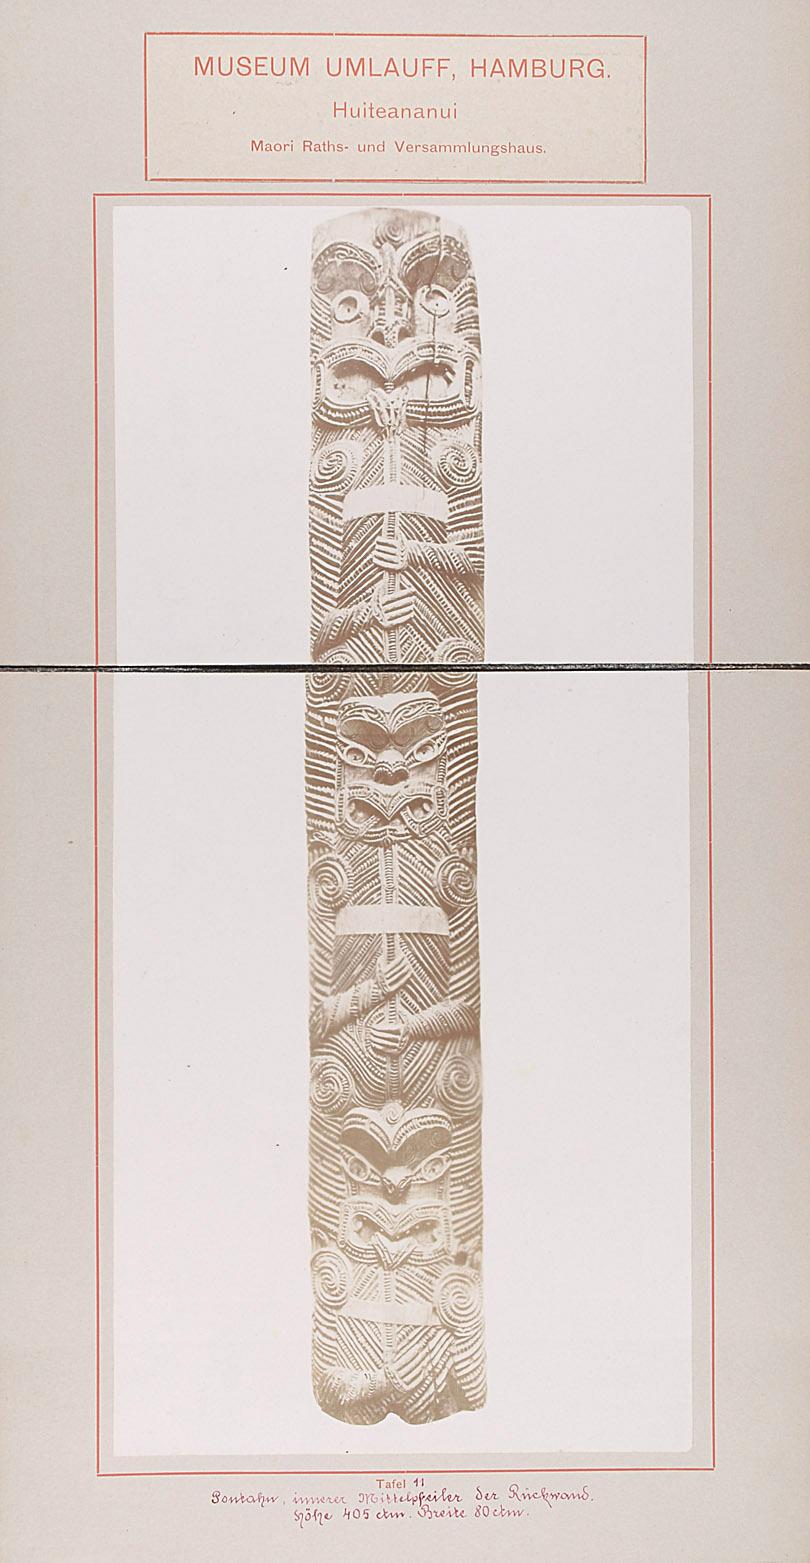 Museum Umlauff, Hamburg. Huiteananui, Maori Raths- und Versammlungshaus: Tafel 11. Poutahu, innerer Mittelpfeiler der Rückwand, Höhe 405 cm, Breite 80 cm von anonym